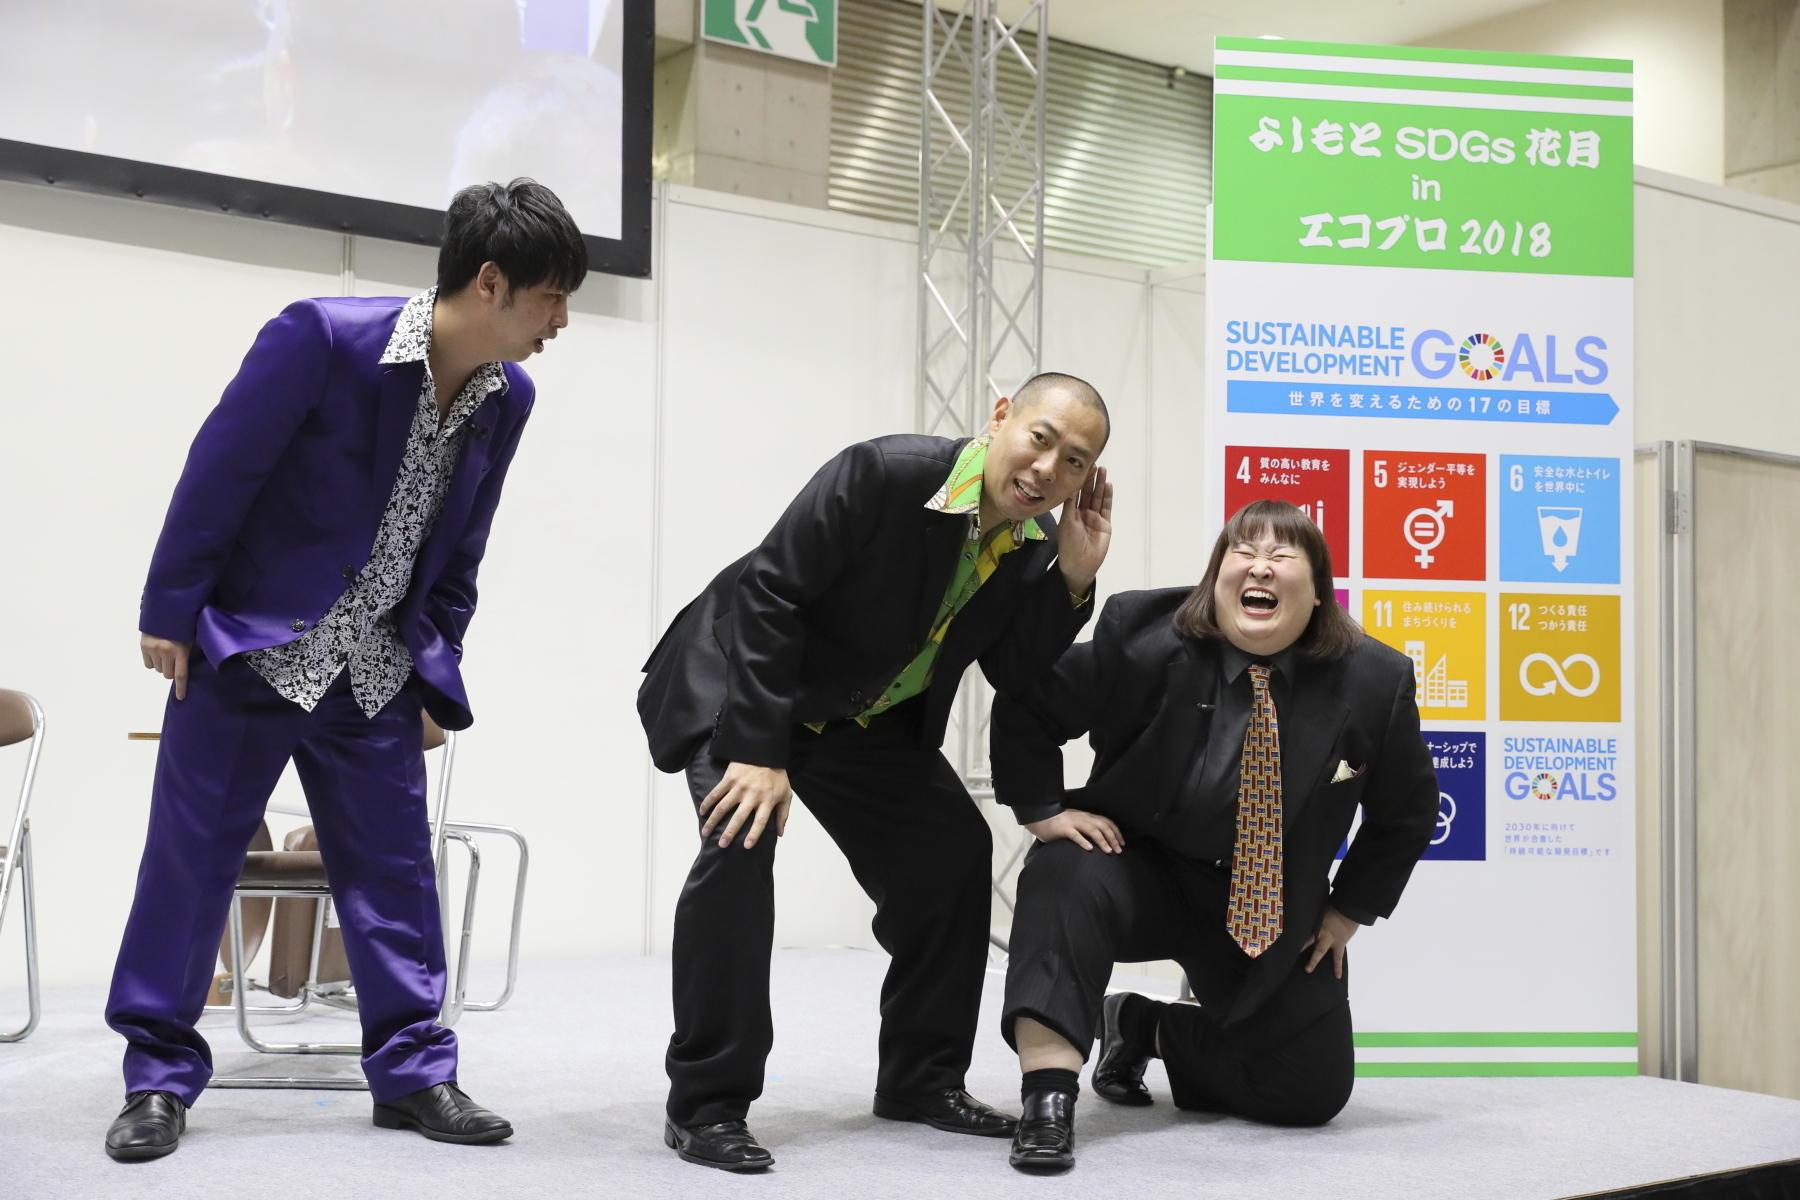 http://news.yoshimoto.co.jp/20181208233438-e78a3200e5b3f0ee3bae8d99d4ee25d454ca2b49.jpg